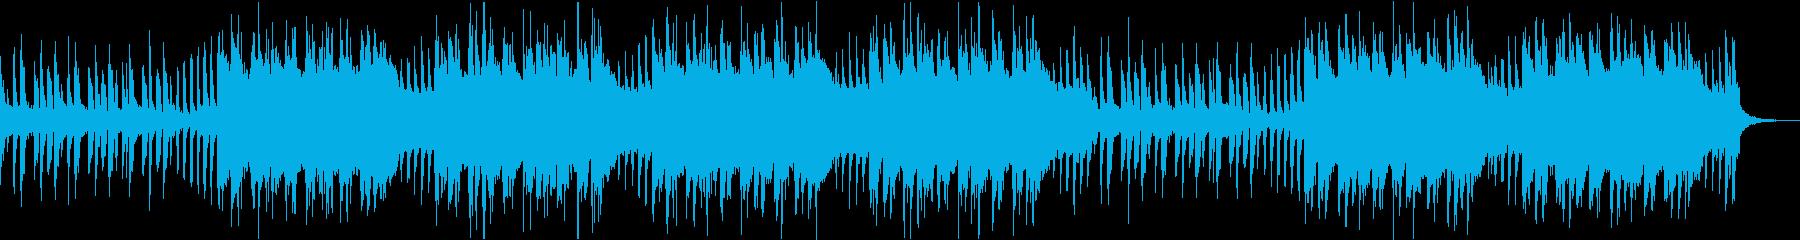 理科・化学実験、サイエンス・テクノロックの再生済みの波形